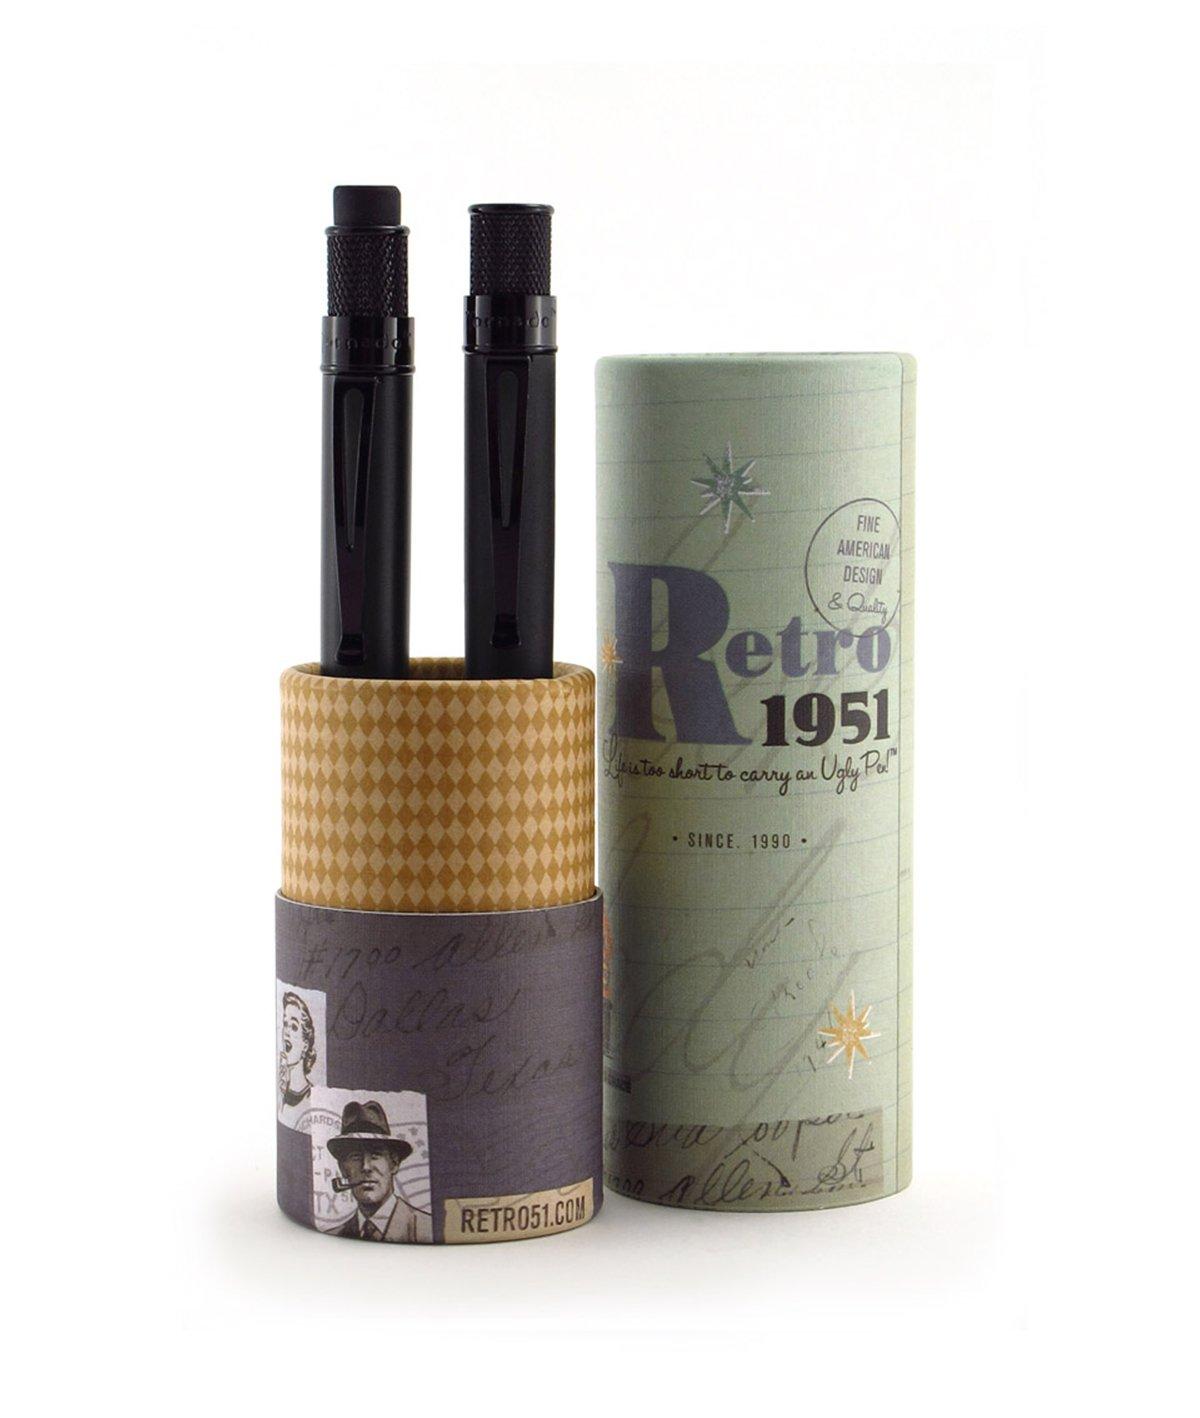 Tornado Pen & Pencil Set Stealth by Retro 51